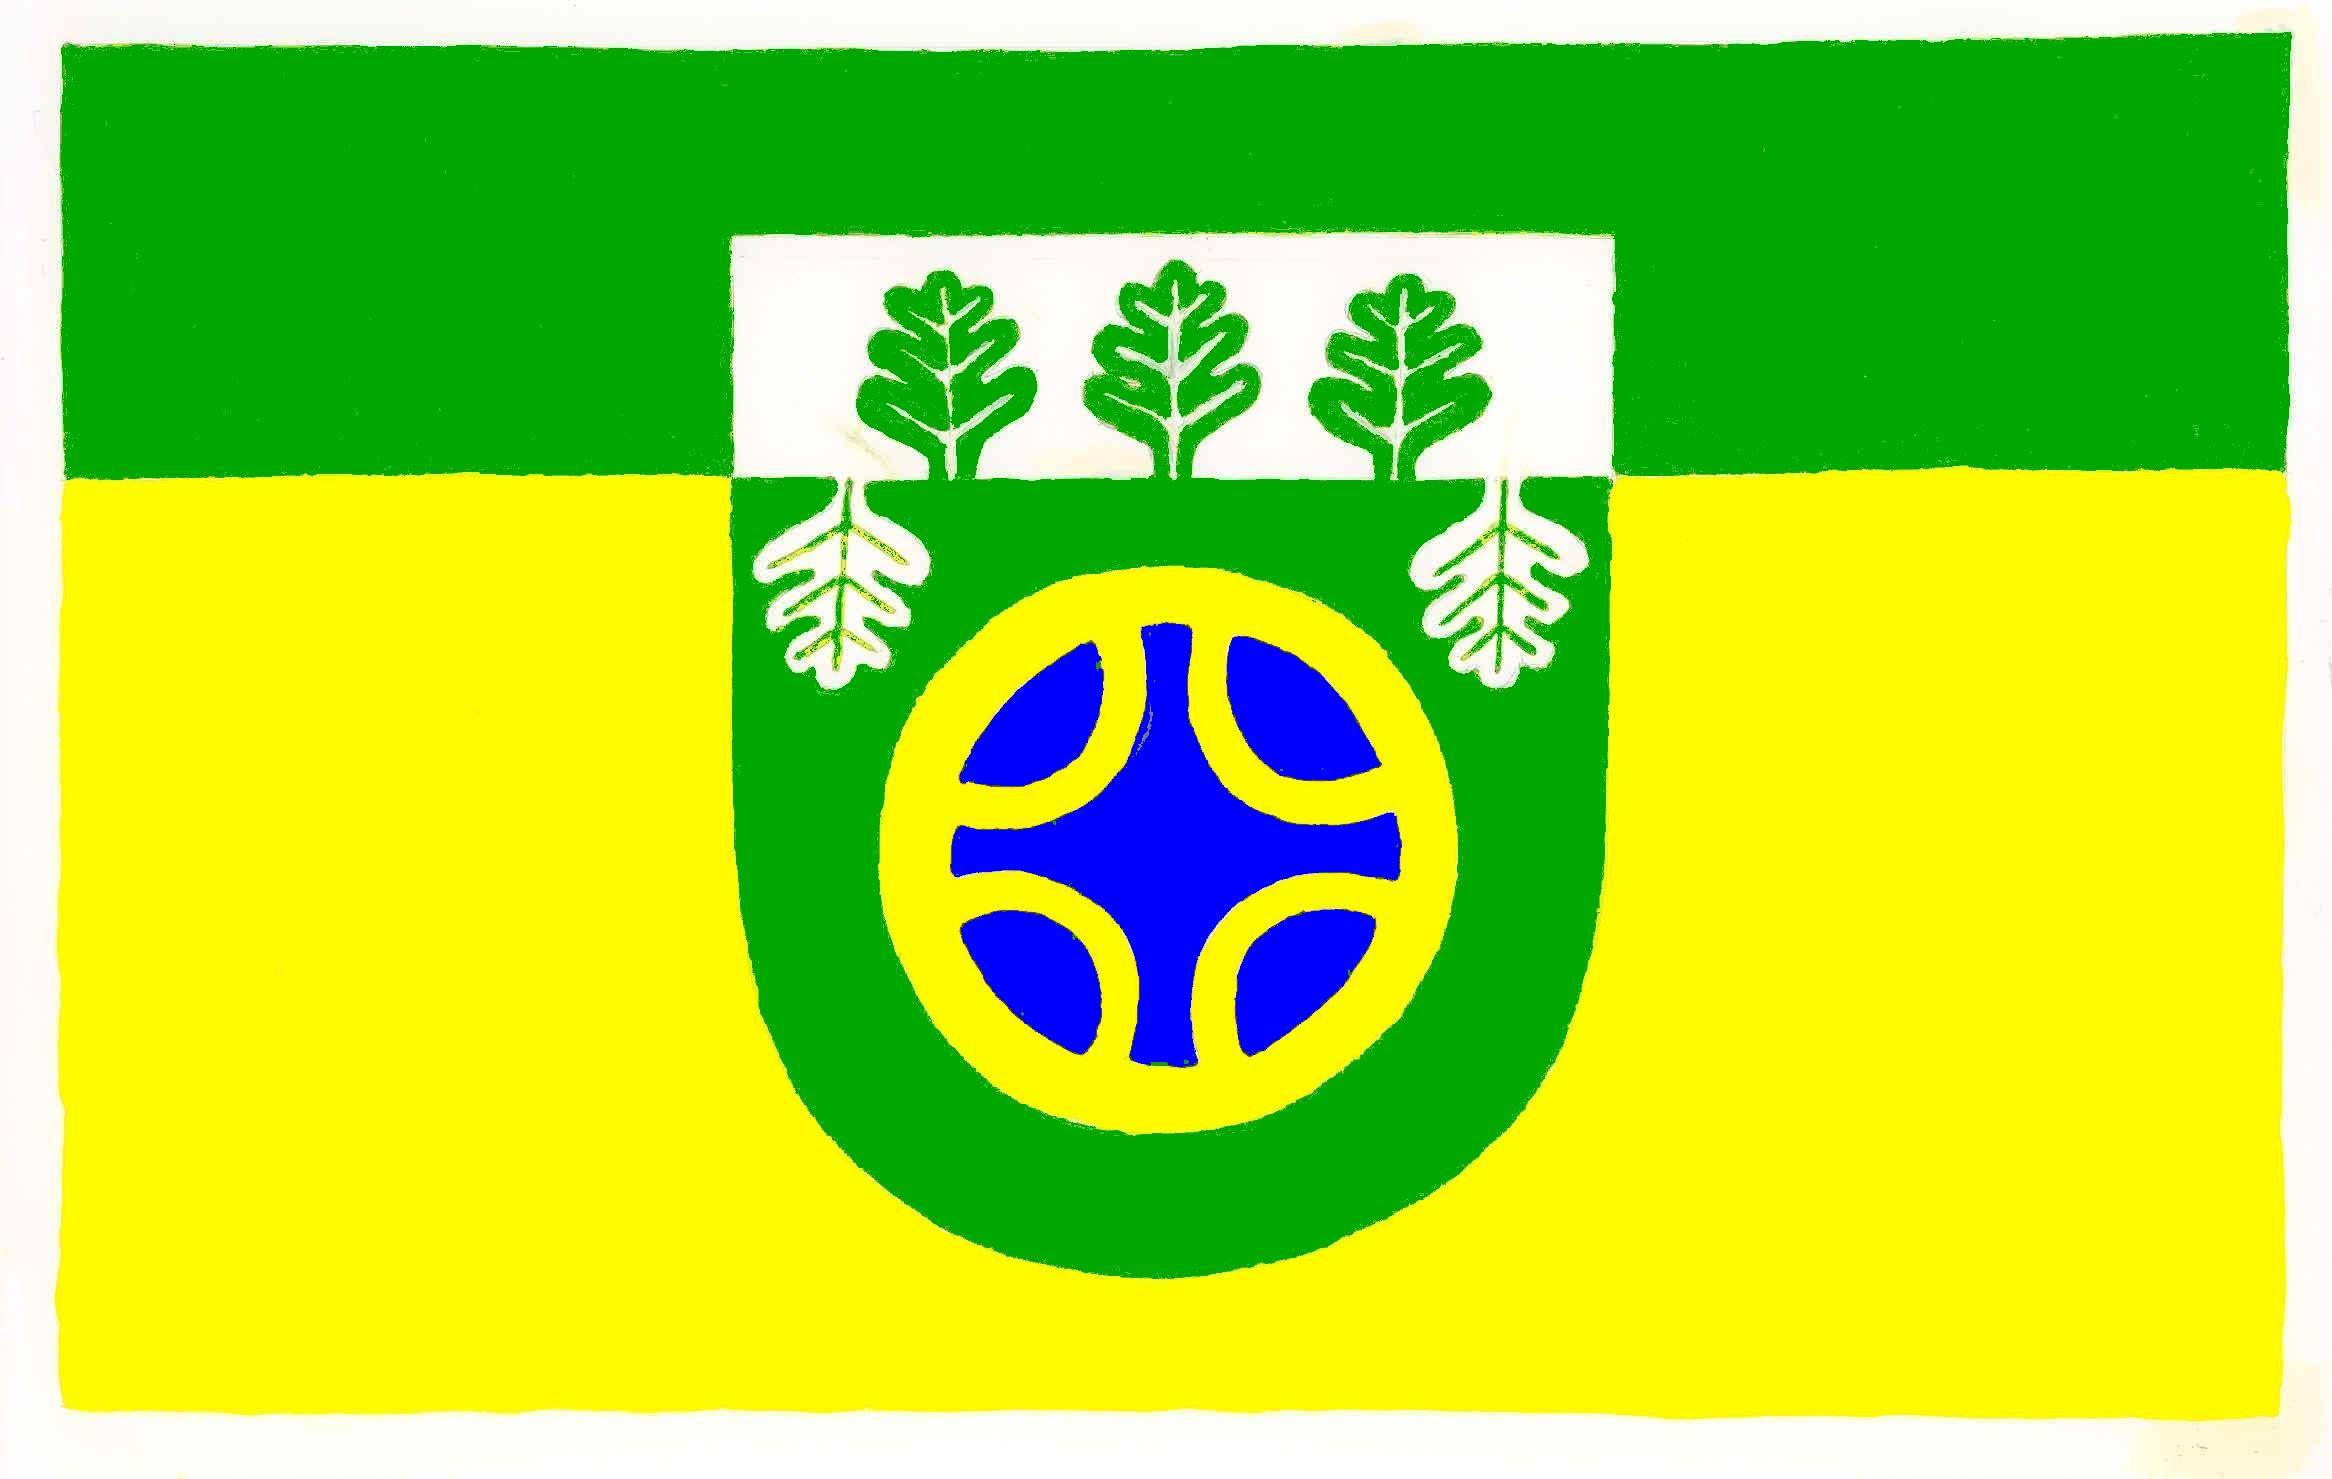 Flagge GemeindeSchuby, Kreis Schleswig-Flensburg